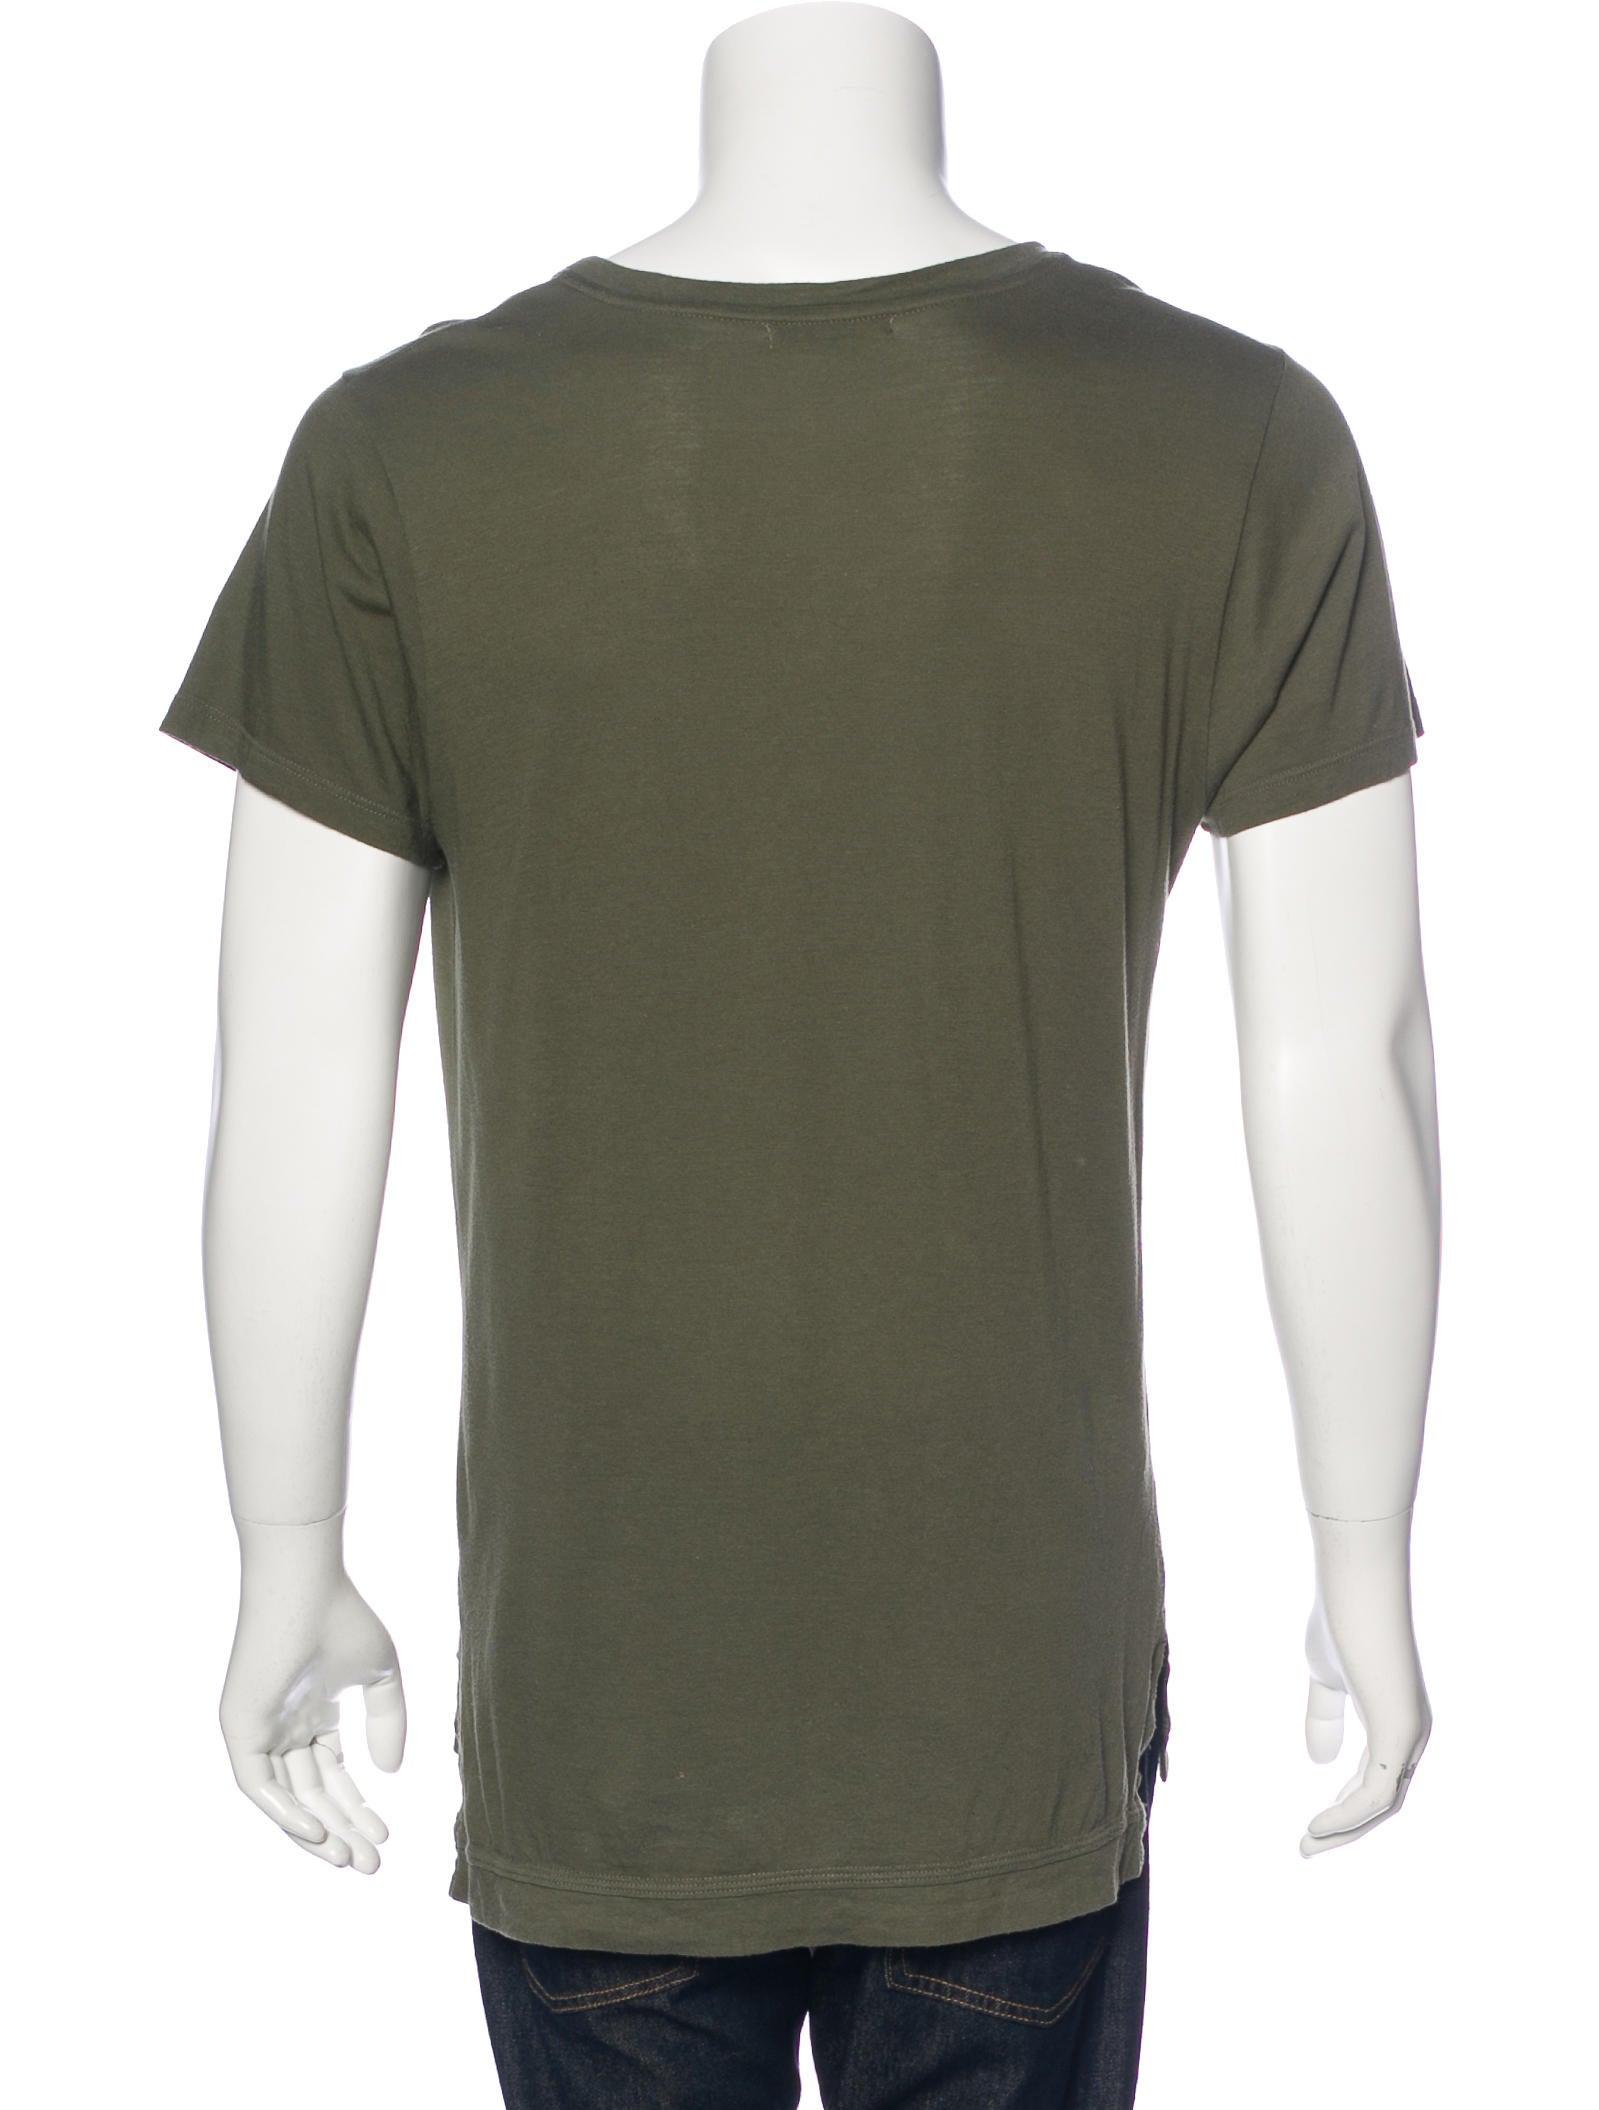 John elliott scoop neck t shirt clothing weltl20085 for Scoop neck t shirt